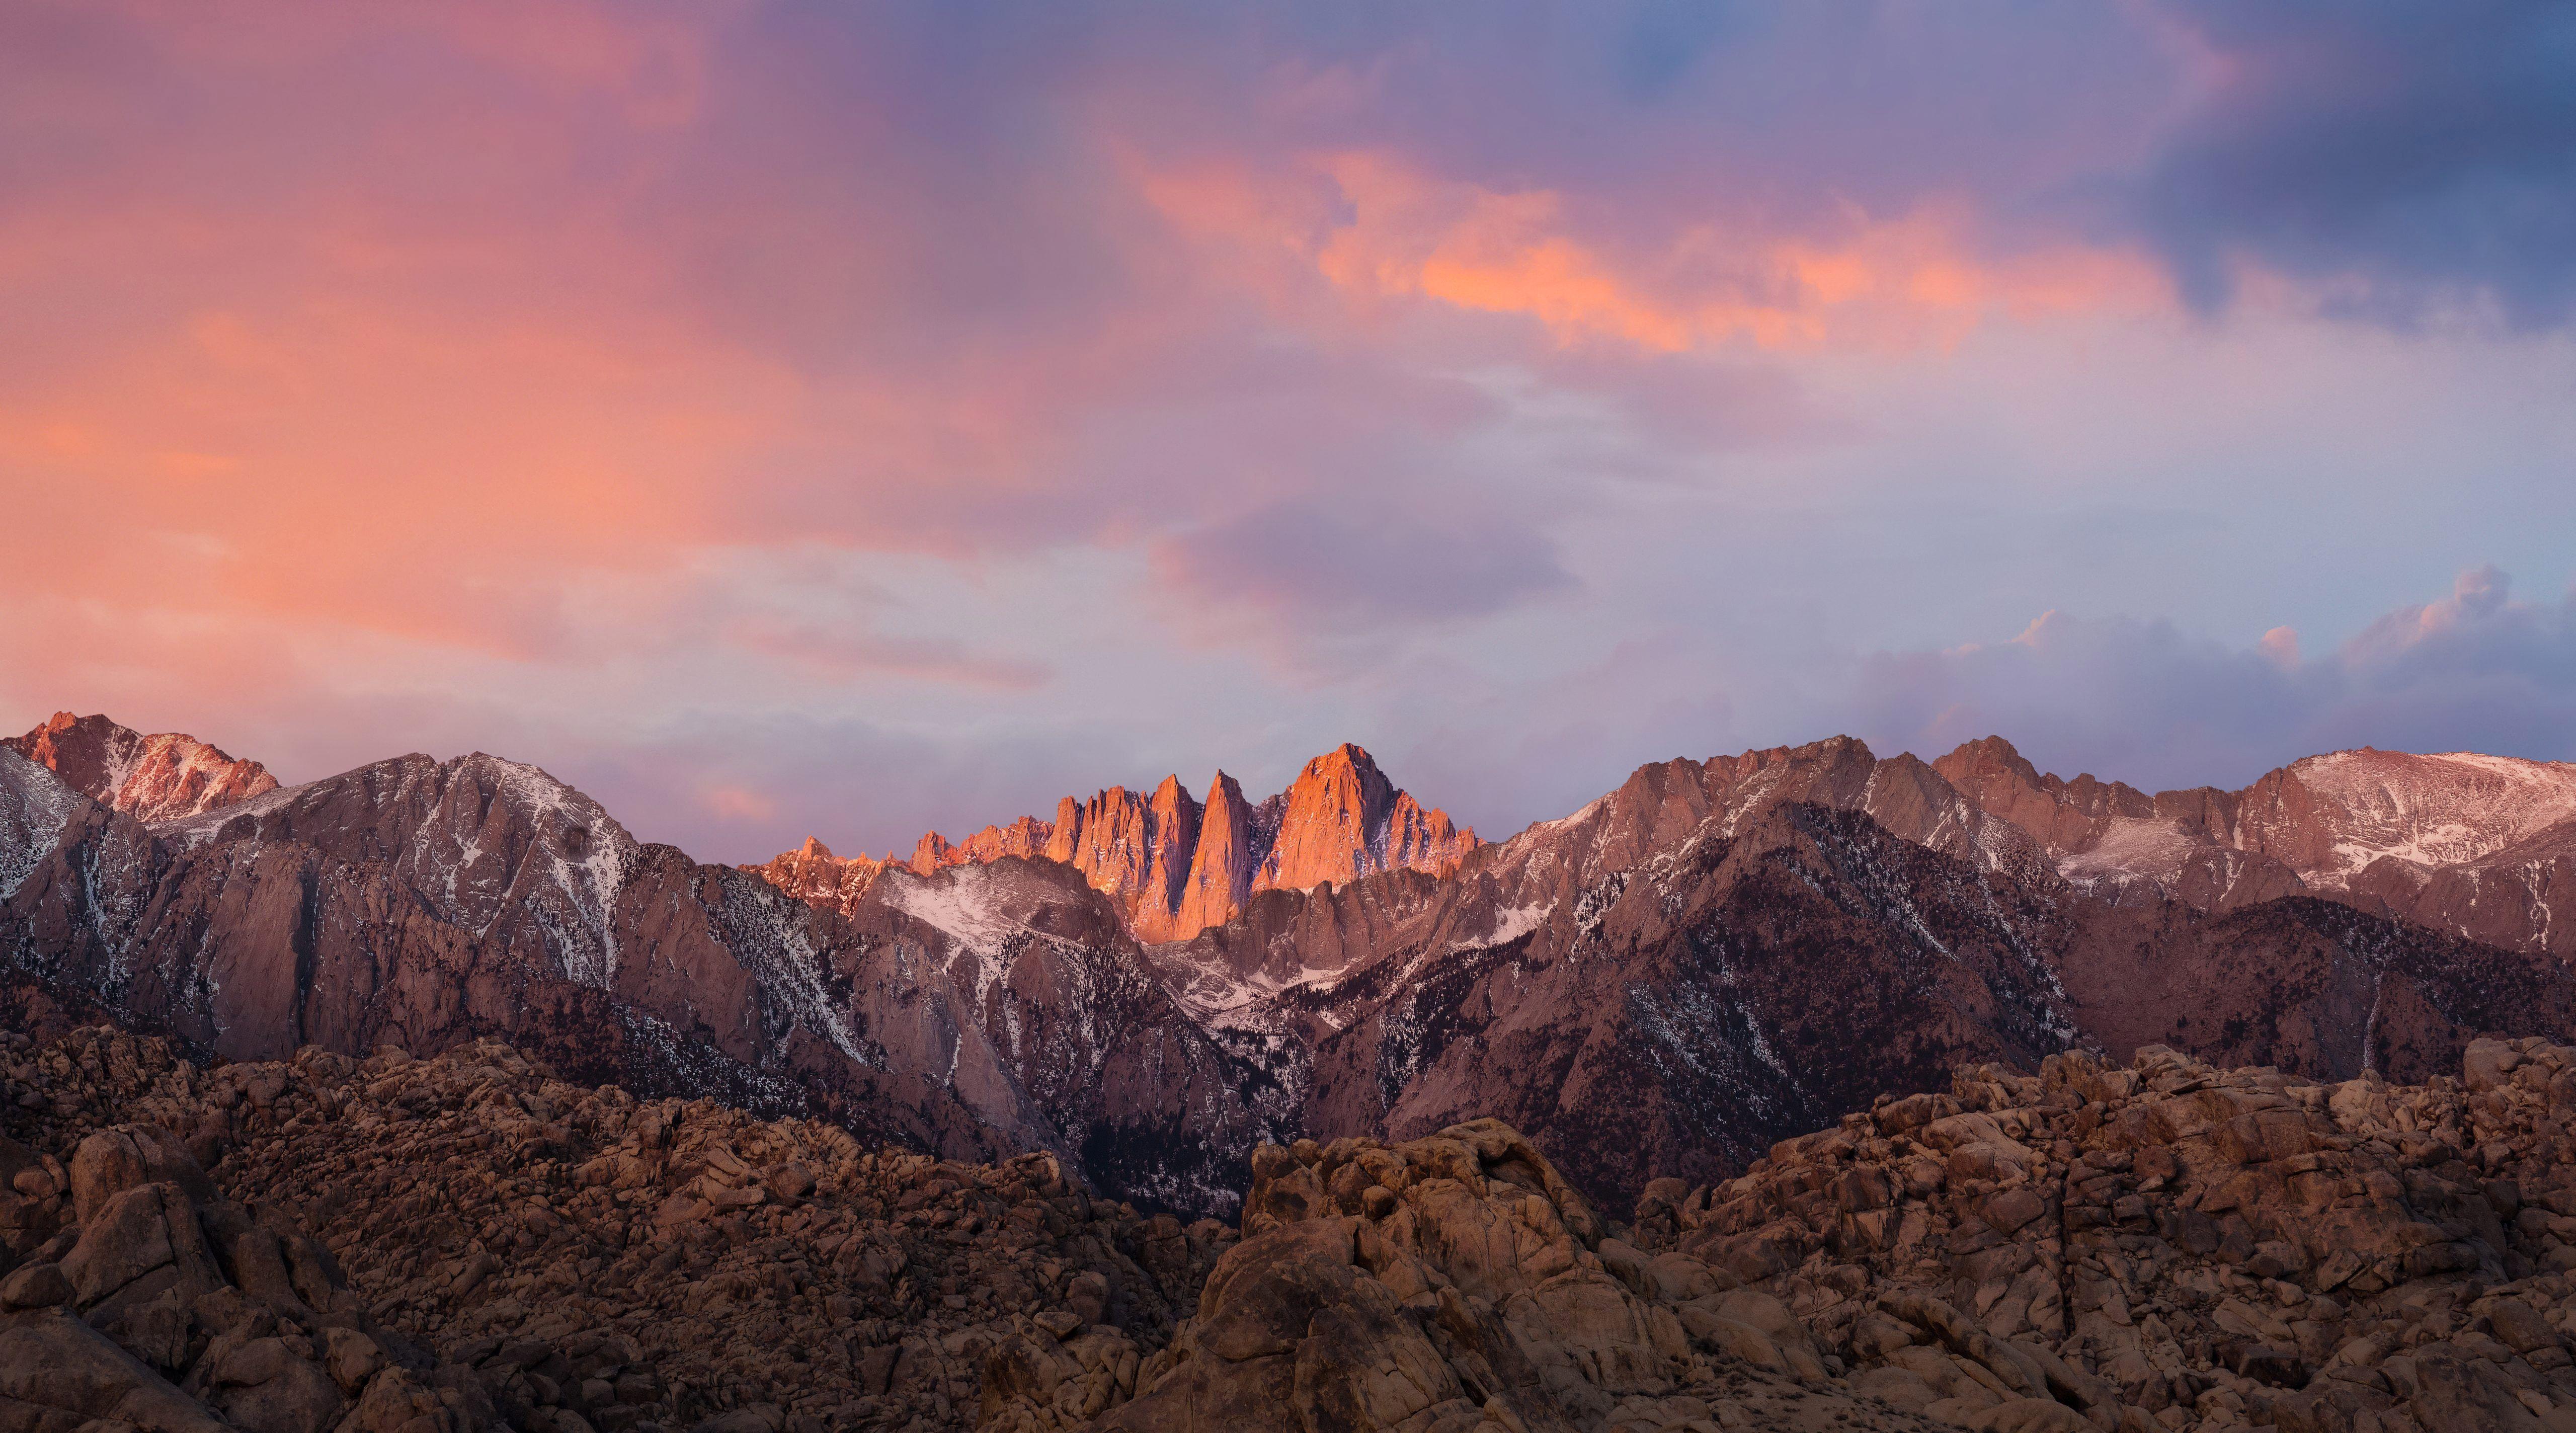 Mac Sierra Wallpapers Top Free Mac Sierra Backgrounds